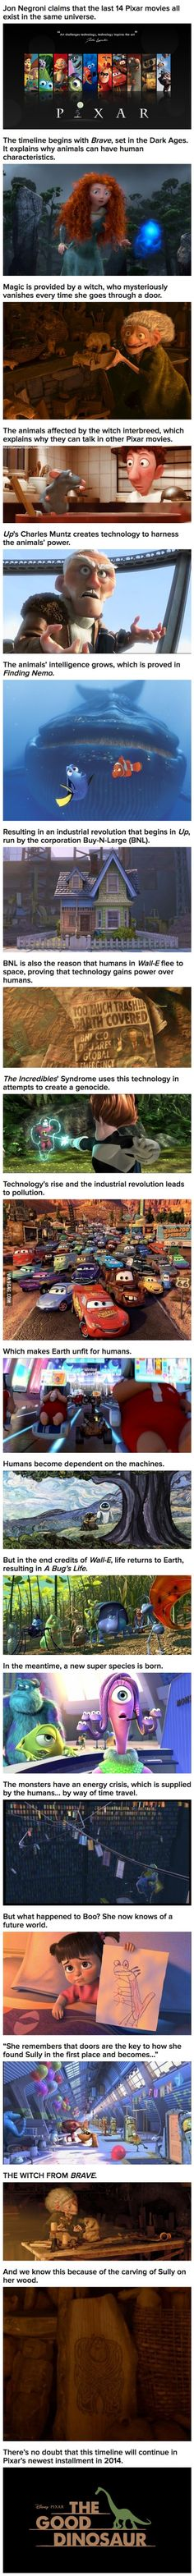 pixar theori, mind blown, mindblown, stuff, funni, random, pixar movies, awesom, disney